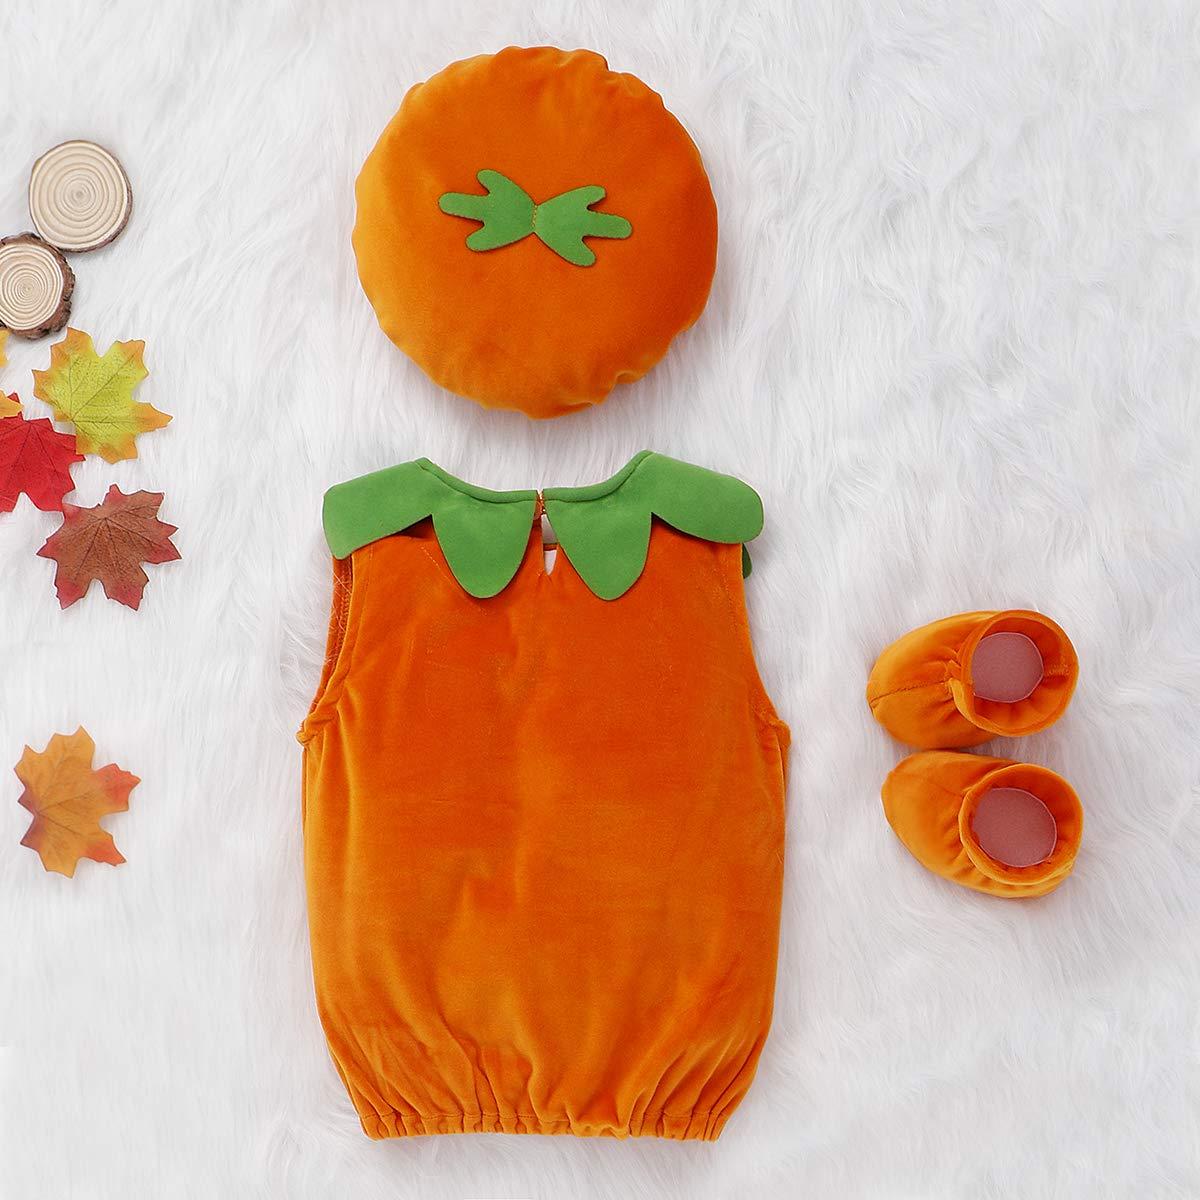 vpuquuz Baby M/ädchen Jungen Halloween Cosplay Kost/üme K/ürbis Strampelm/ütze 3 St/ück s/ü/ße Outfits